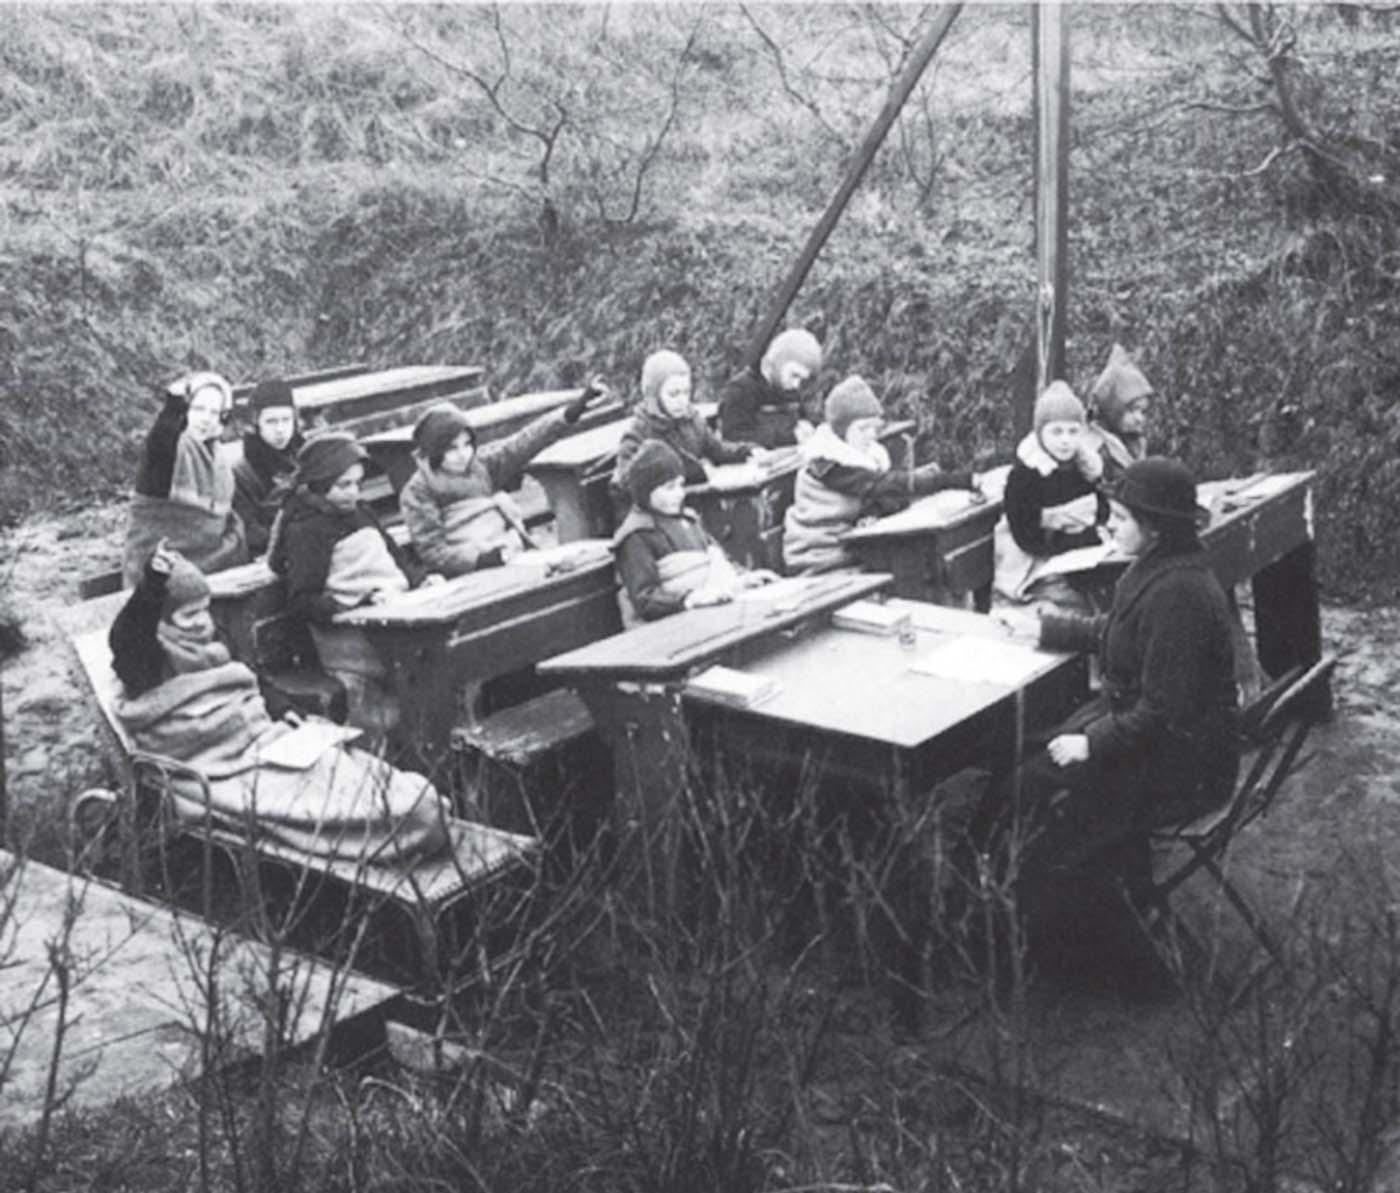 O imagine din Olanda, în 1918, cu ore ținute în aer liber